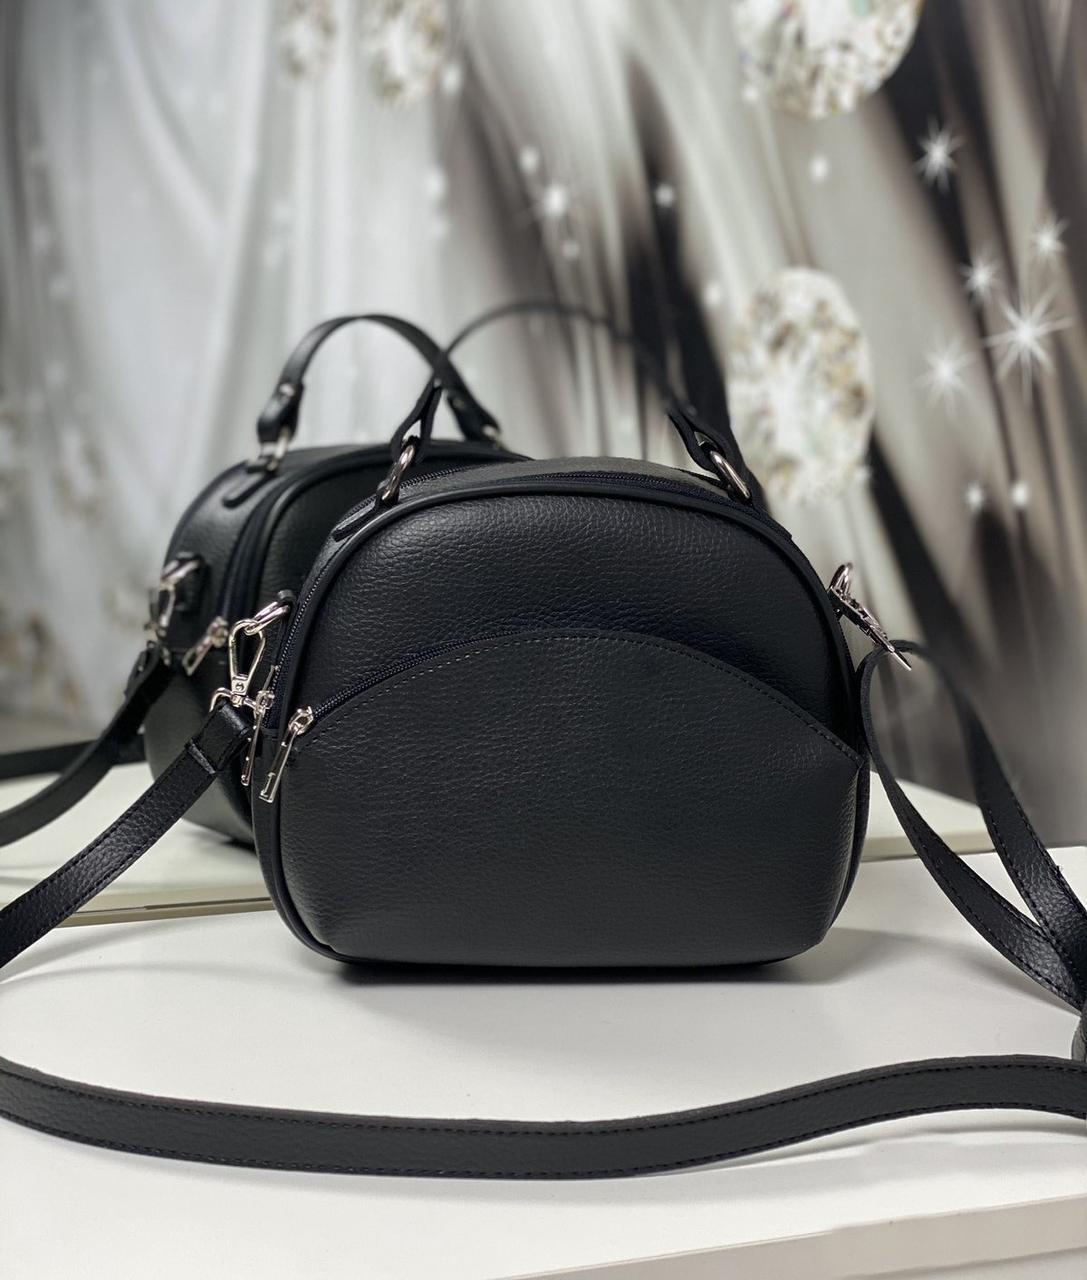 Полукруглая сумка через плечо небольшая женская стильная сумочка кроссбоди черная кожзам